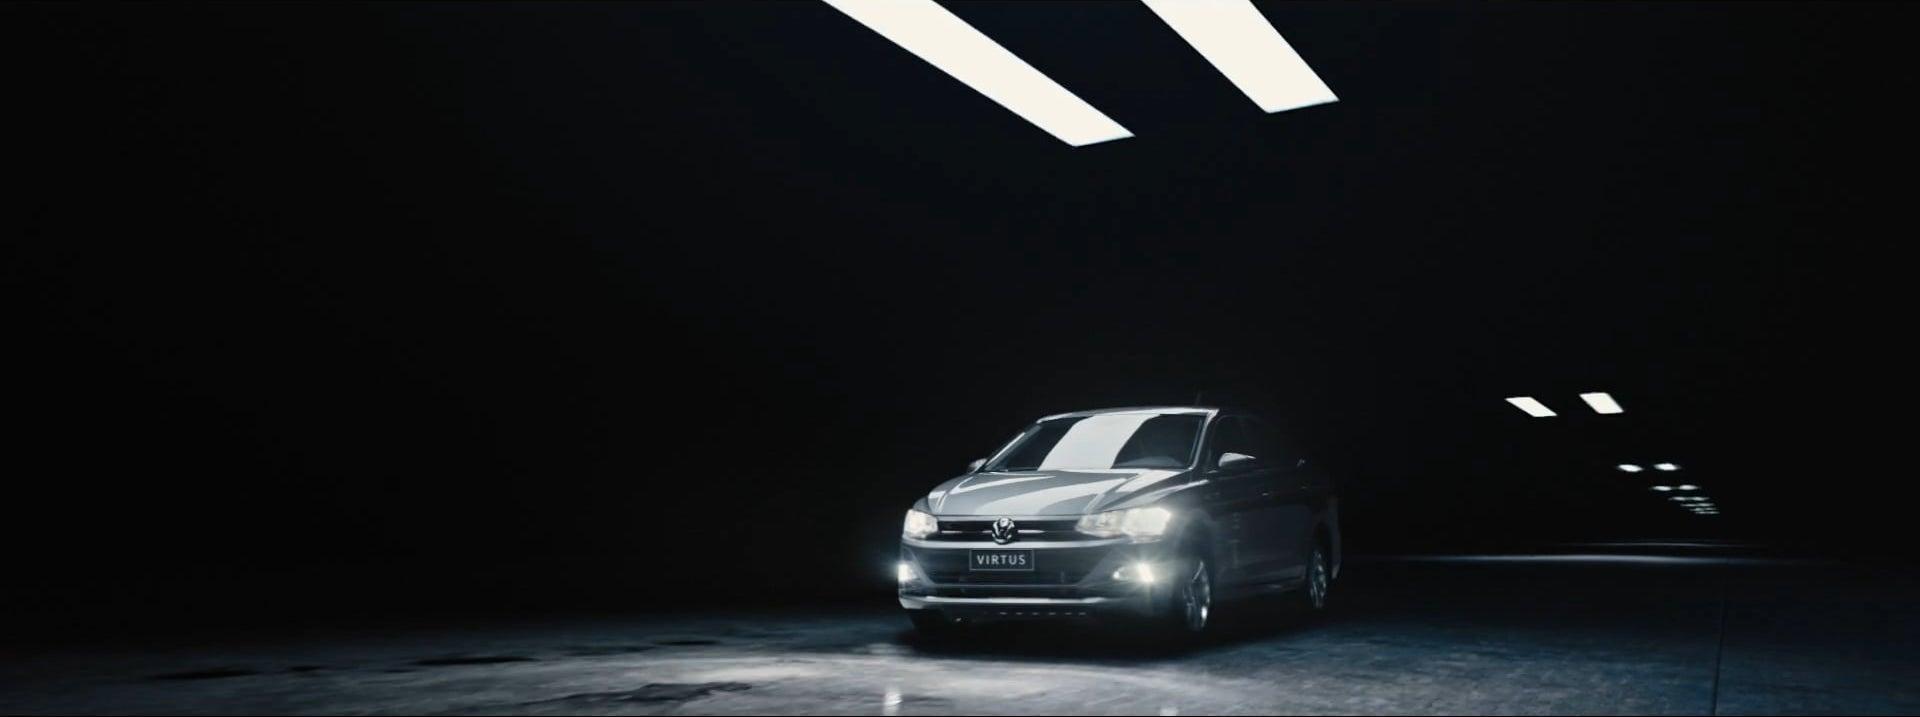 """Volkswagen """"Virtus"""""""